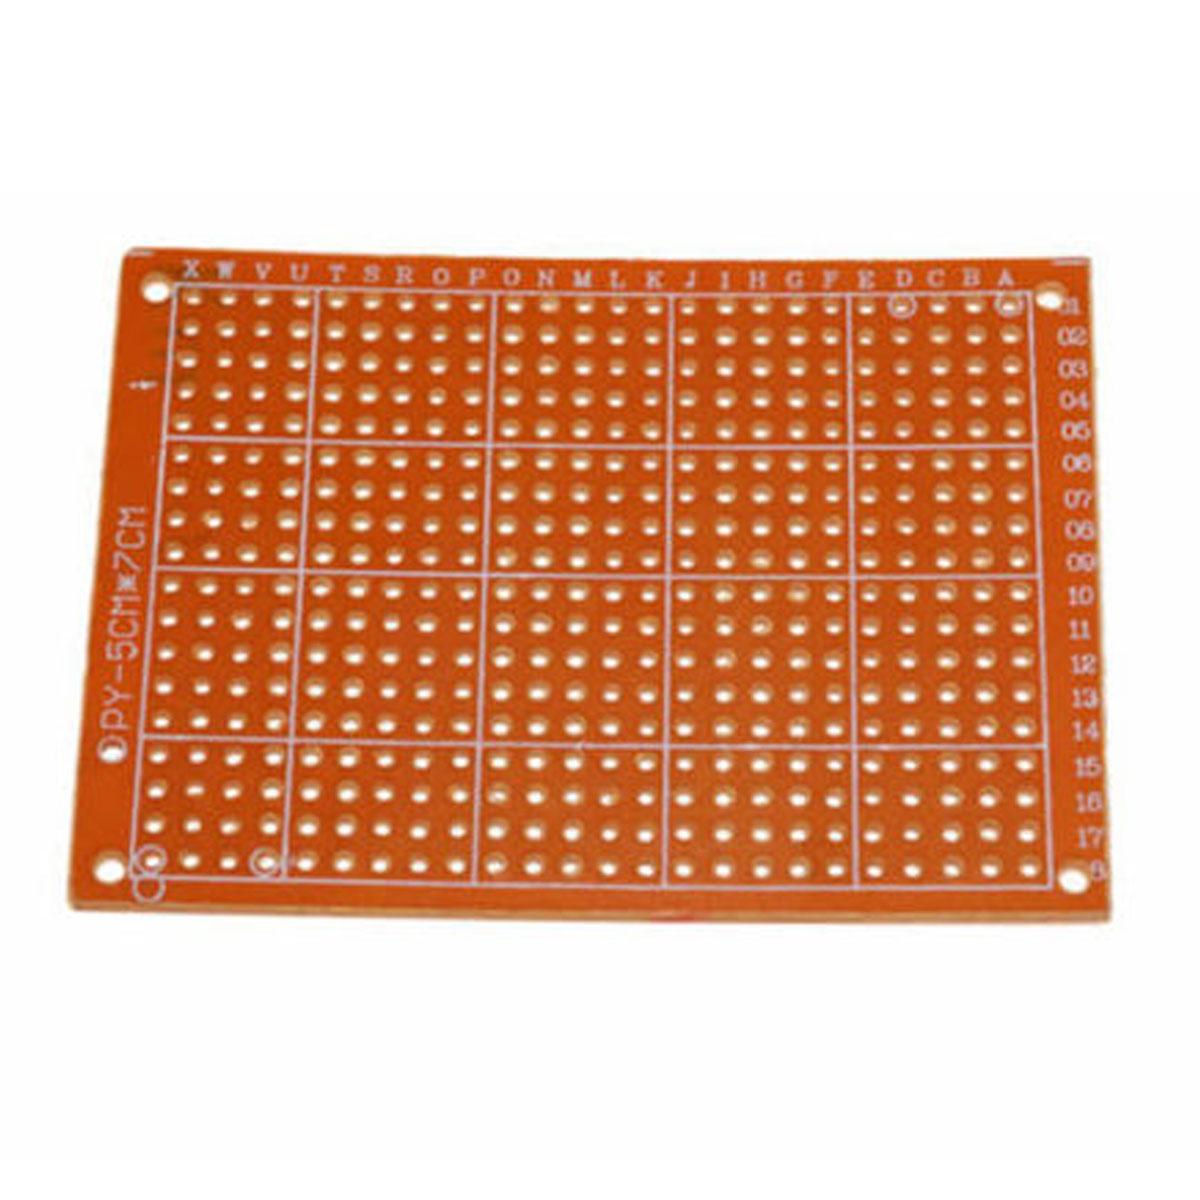 Placa de Fenolite Ilhada Perfurada 5x7 cm Circuito Impresso